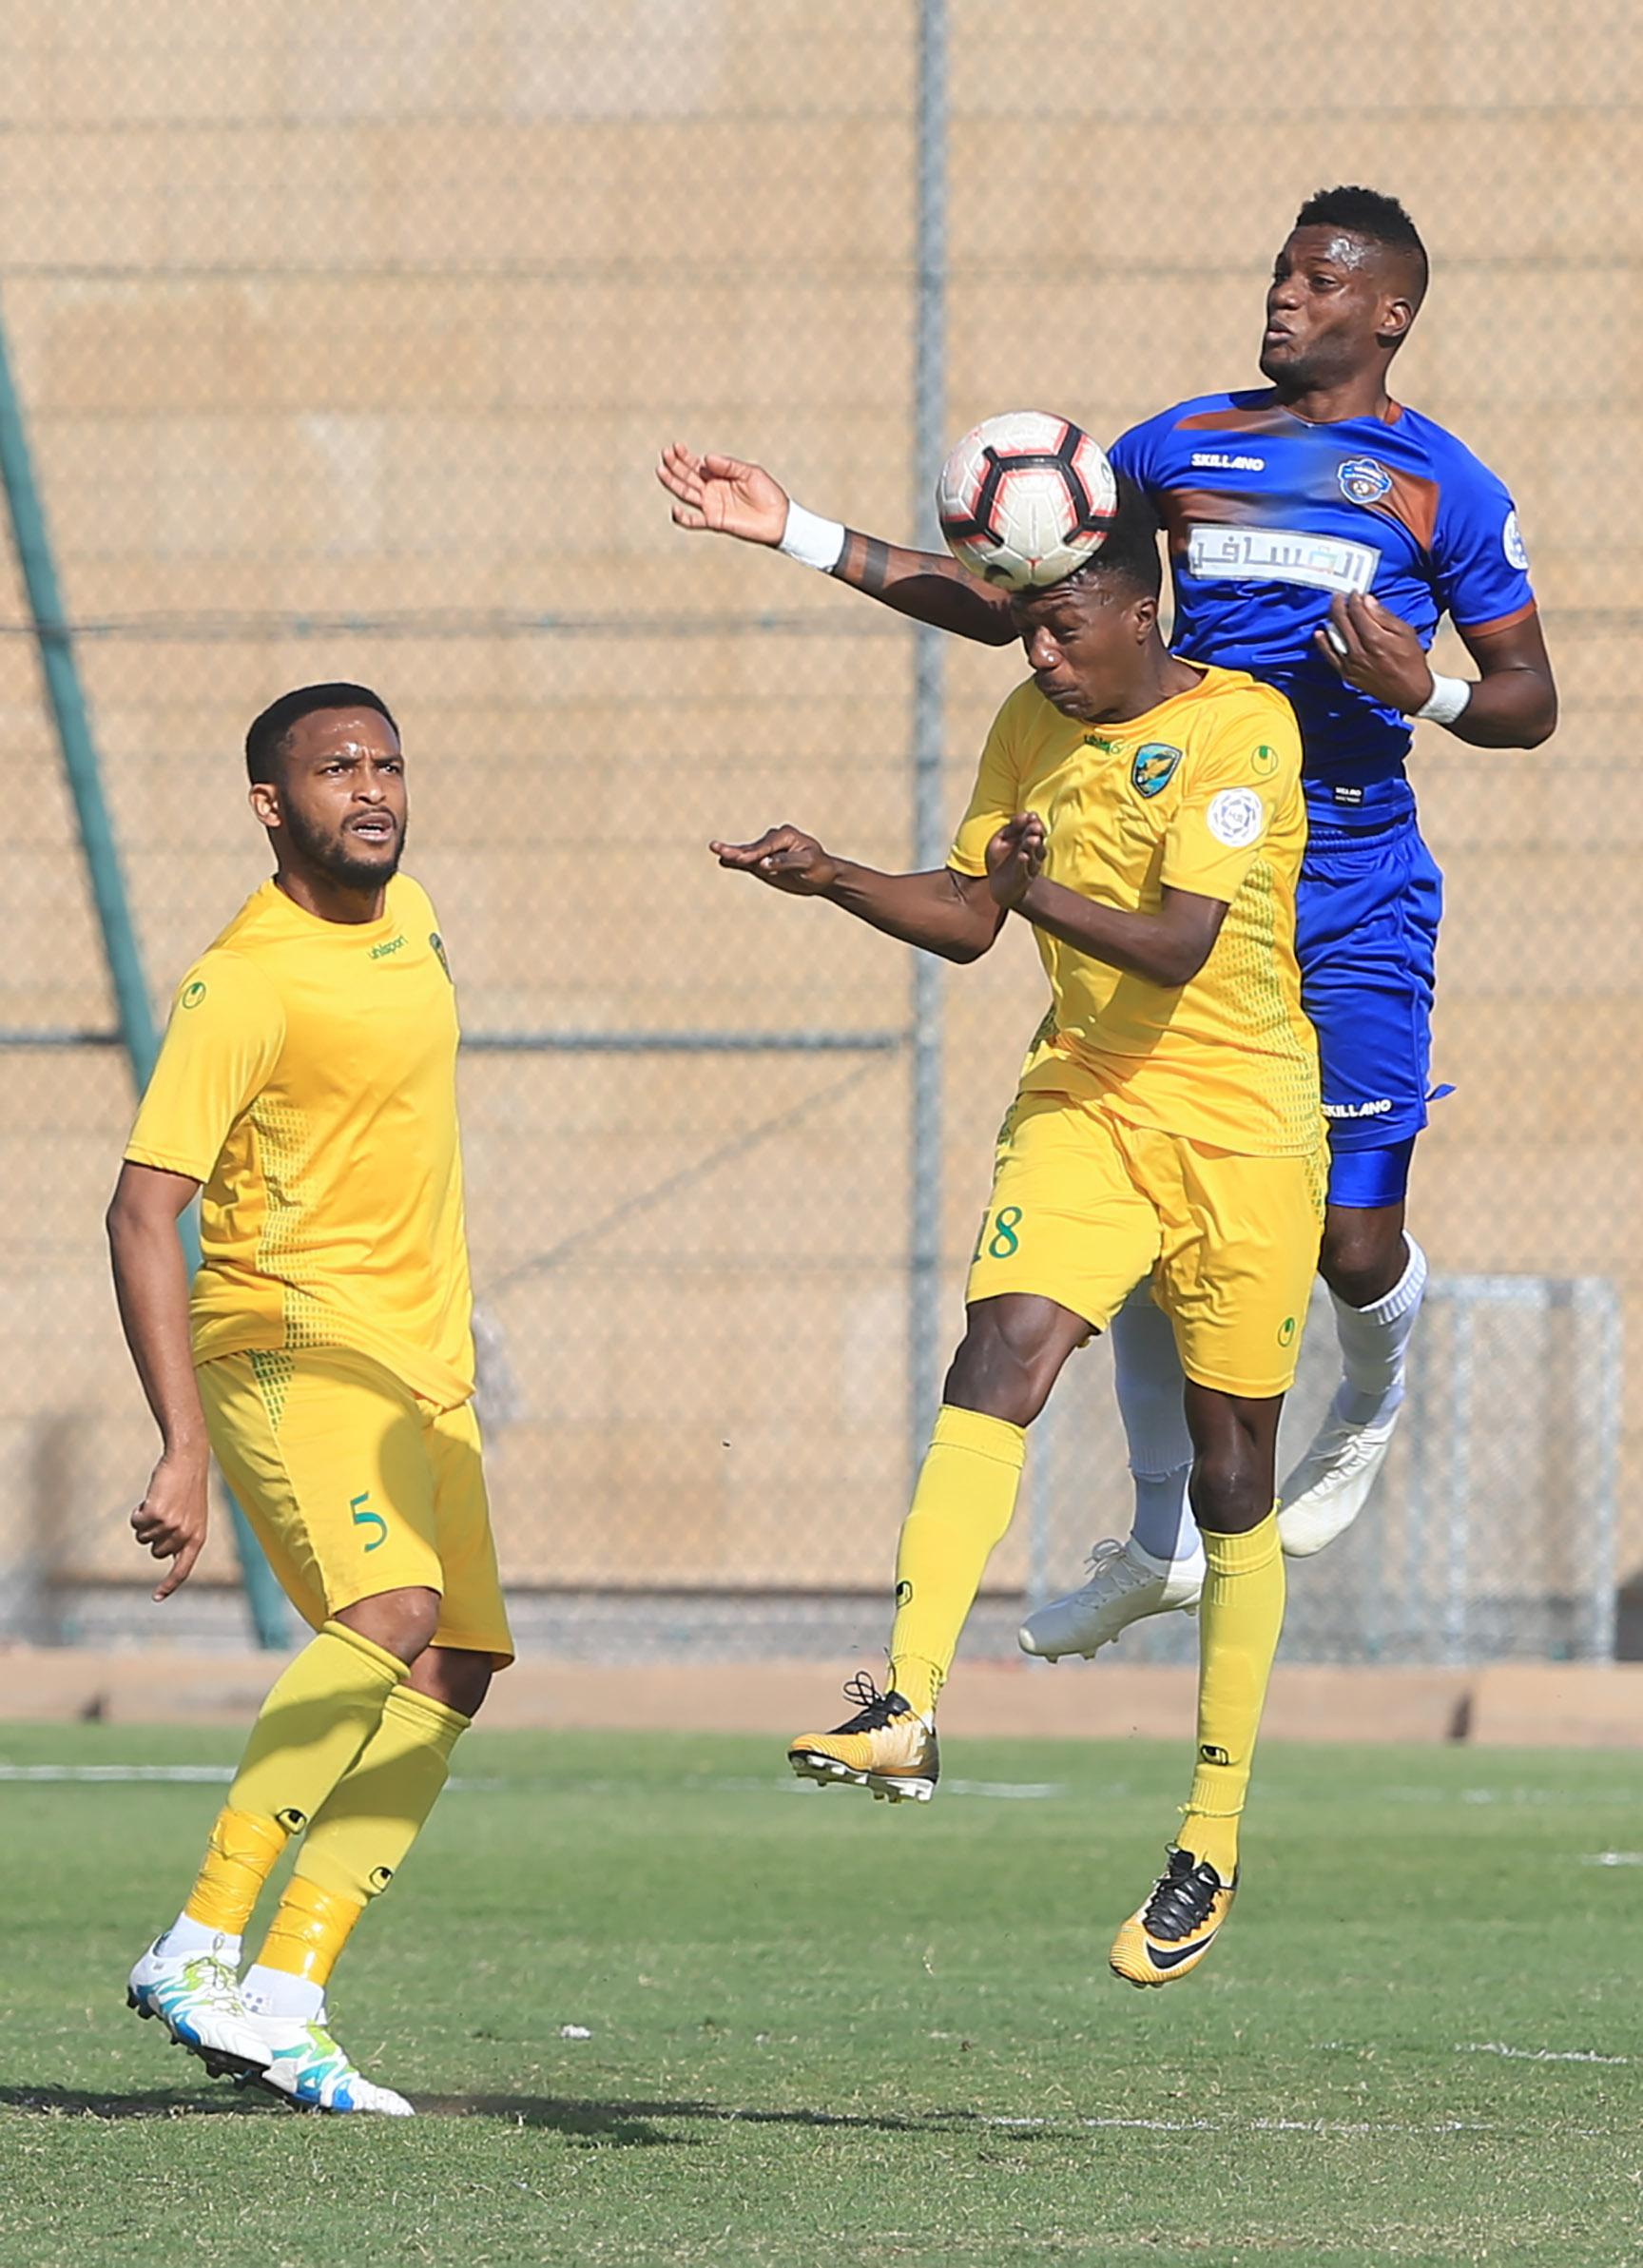 الخليج يرفع رصيده إلى 55 نقطة بالتعادل مع الكوكب ضمن منافسات الجولة 34 لدوري الأمير محمد بن سلمان للدرجة الأولى